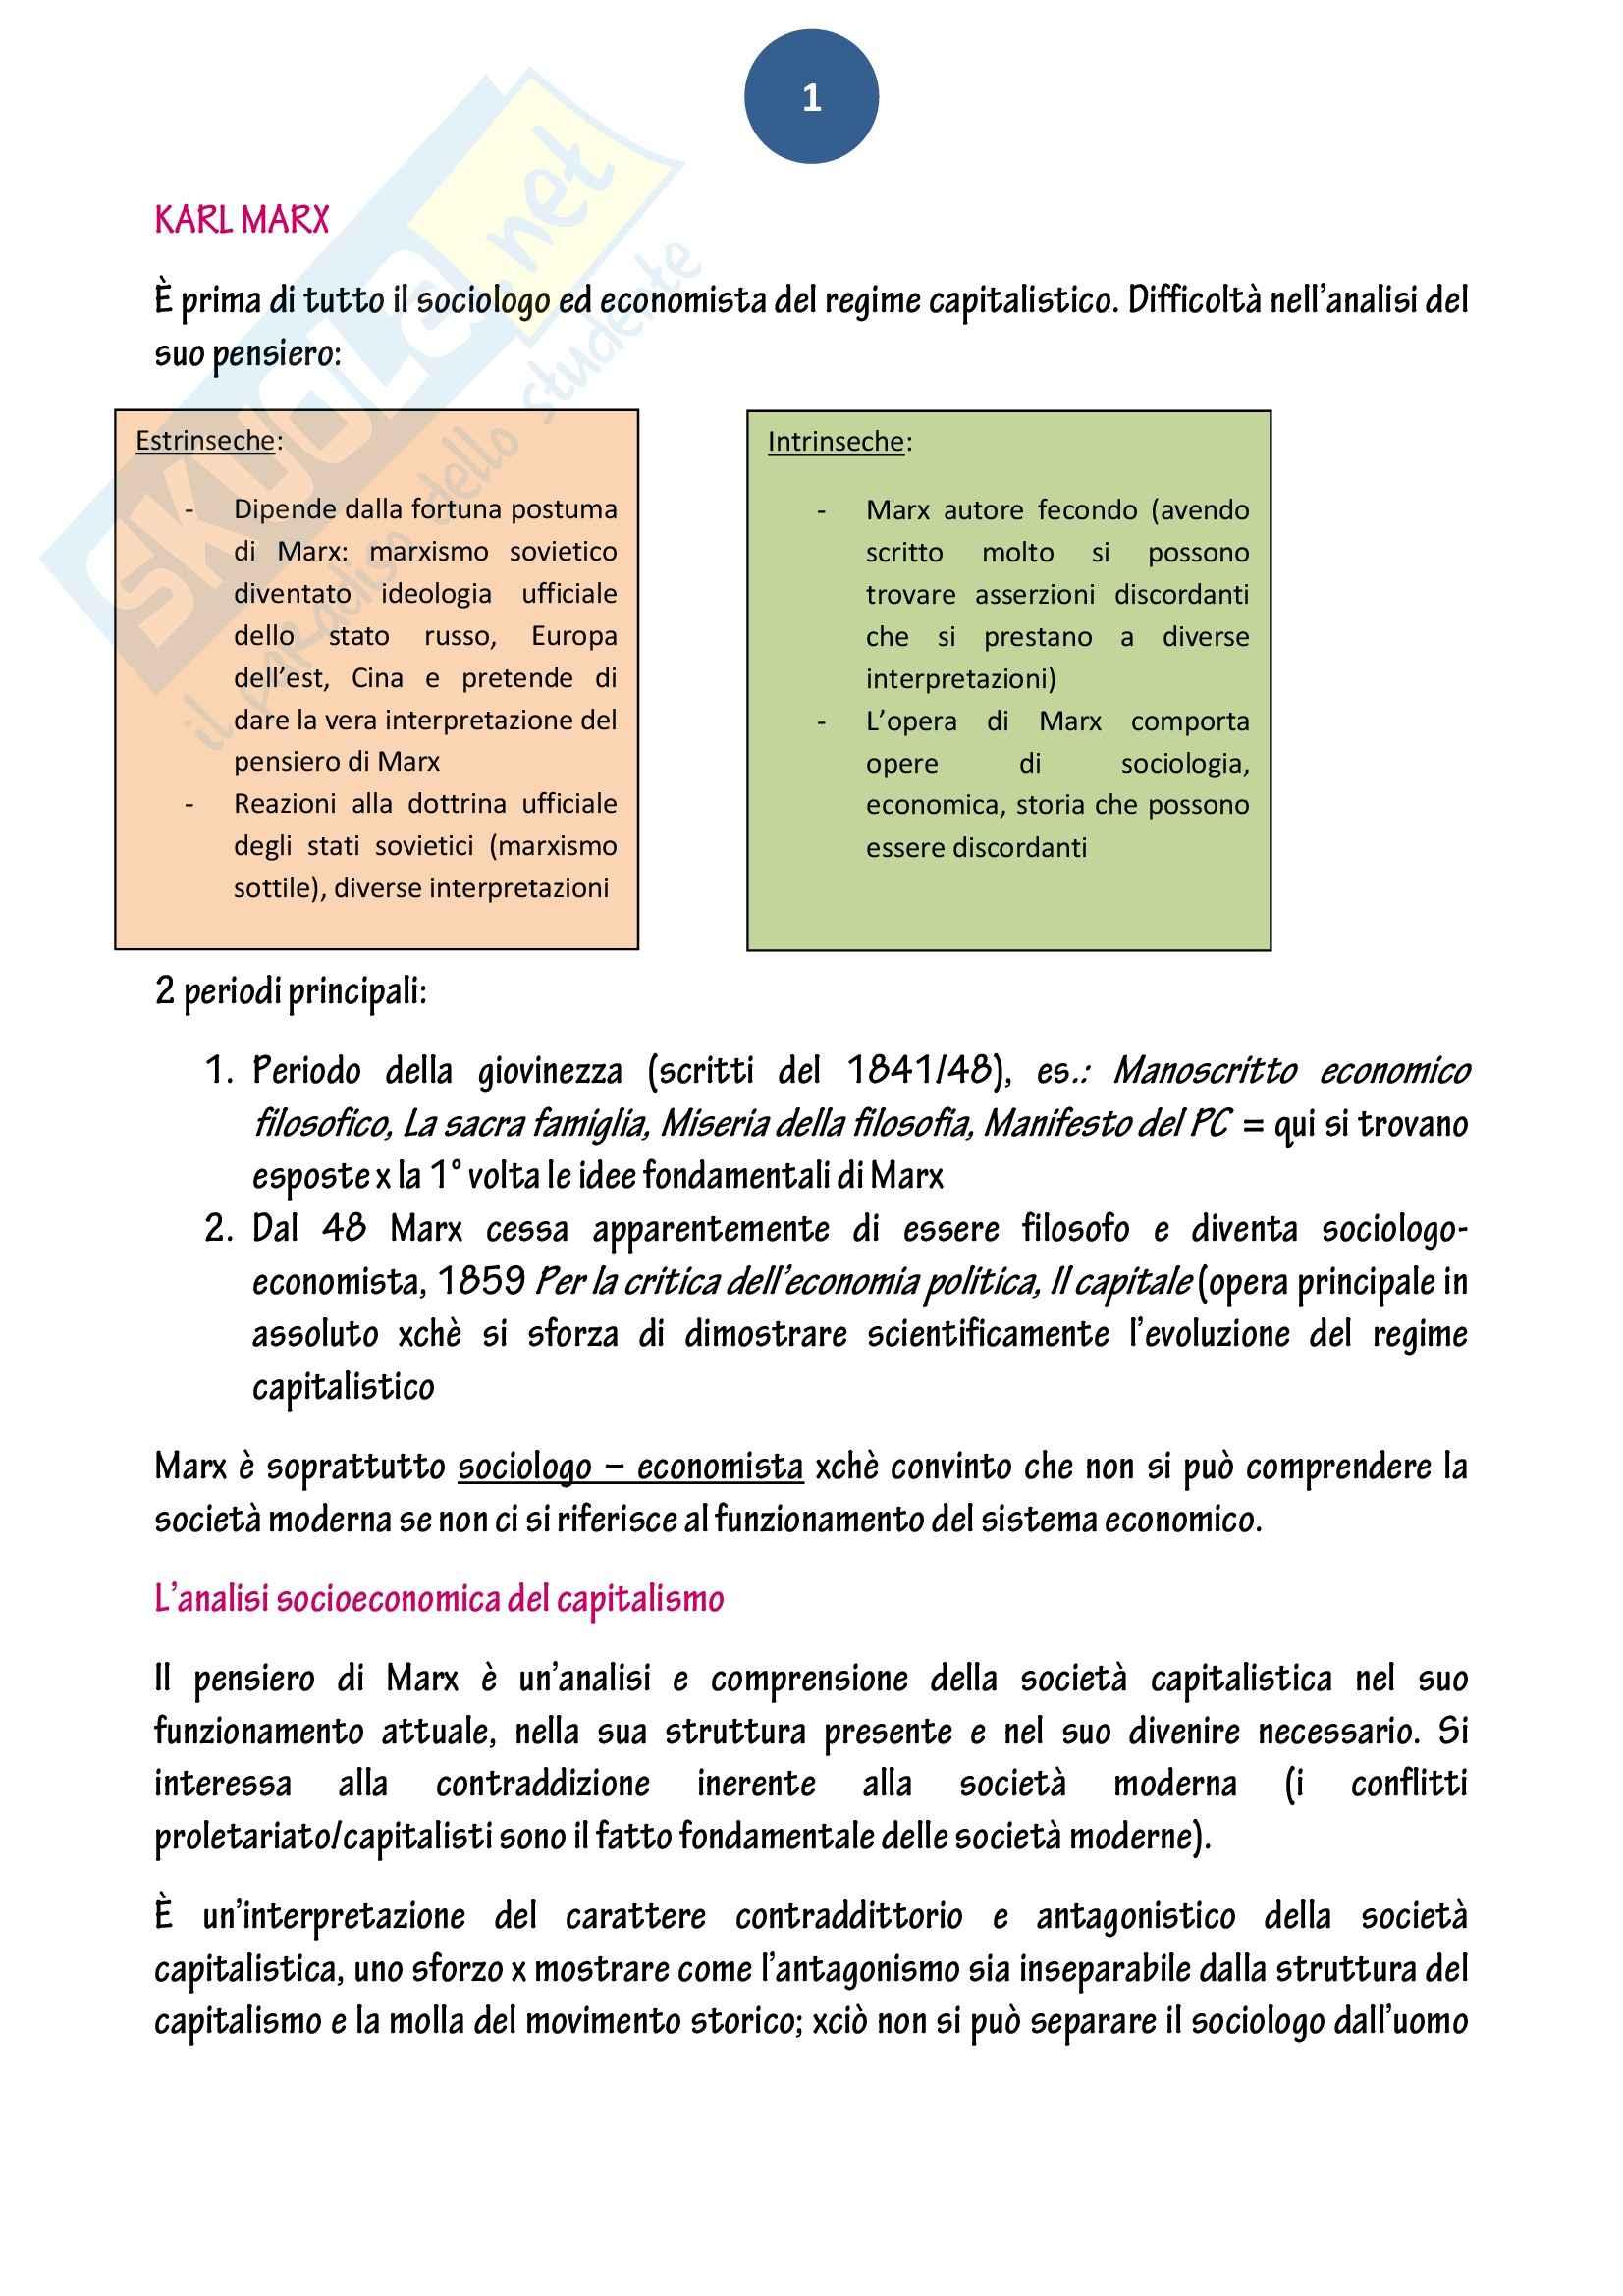 Riassunto esame Sociologia, prof. Baldissera, libro consigliato Le tappe del pensiero sociologico, Aron